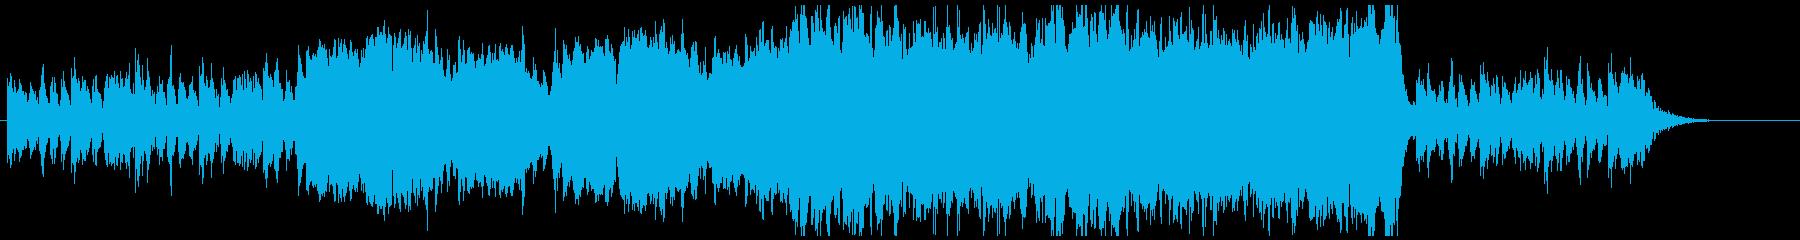 魔女の館イメージの怪しい弦楽器曲の再生済みの波形